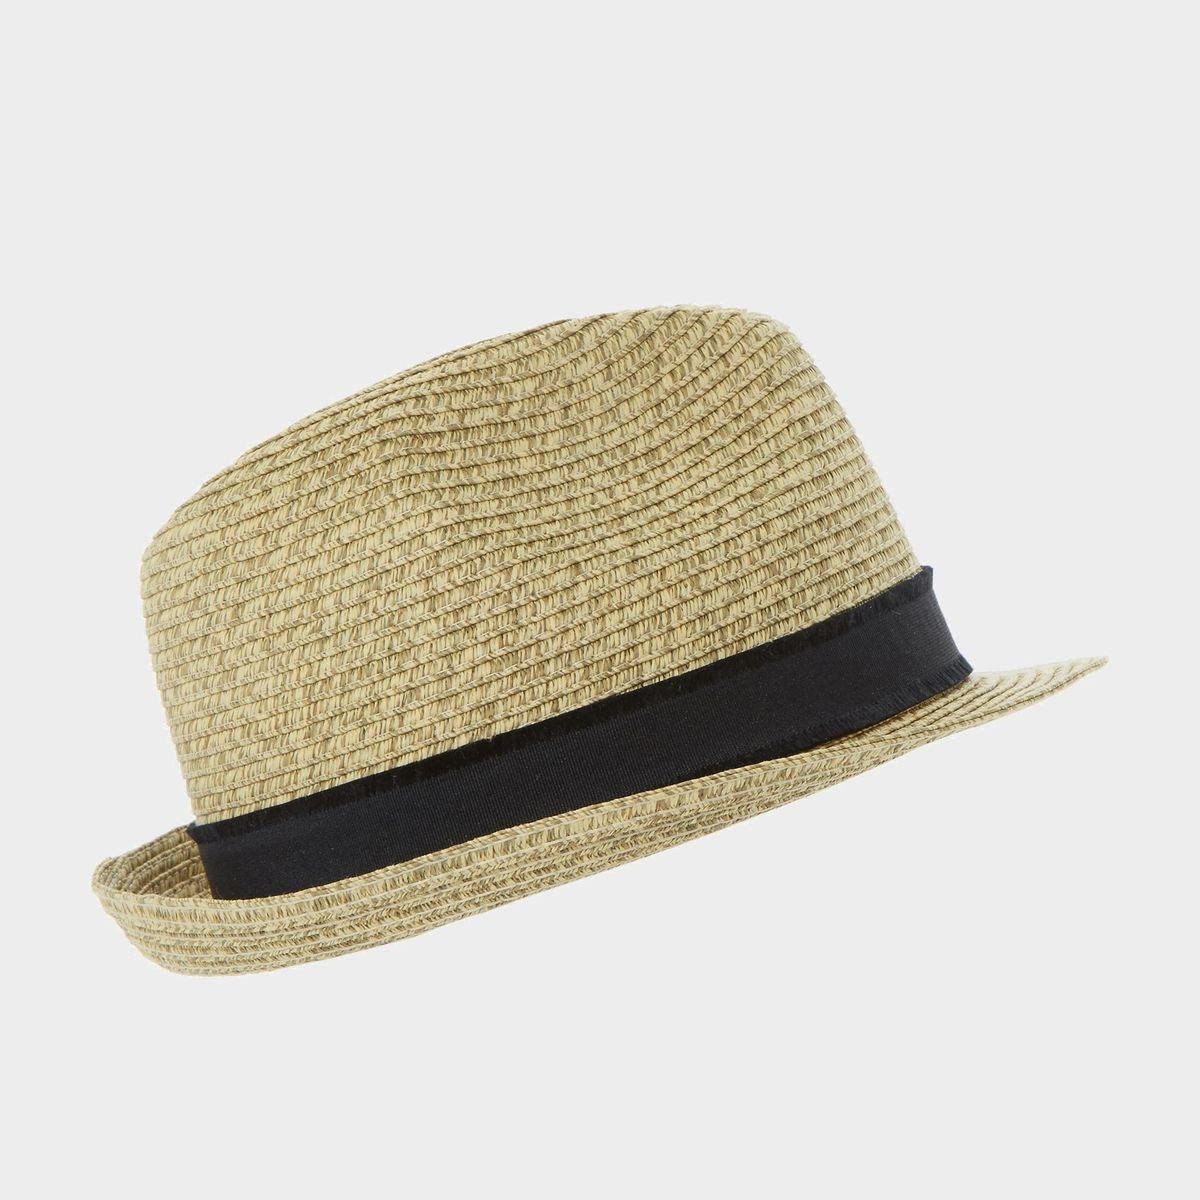 NAPLES - Chapeau mou en paille tressée